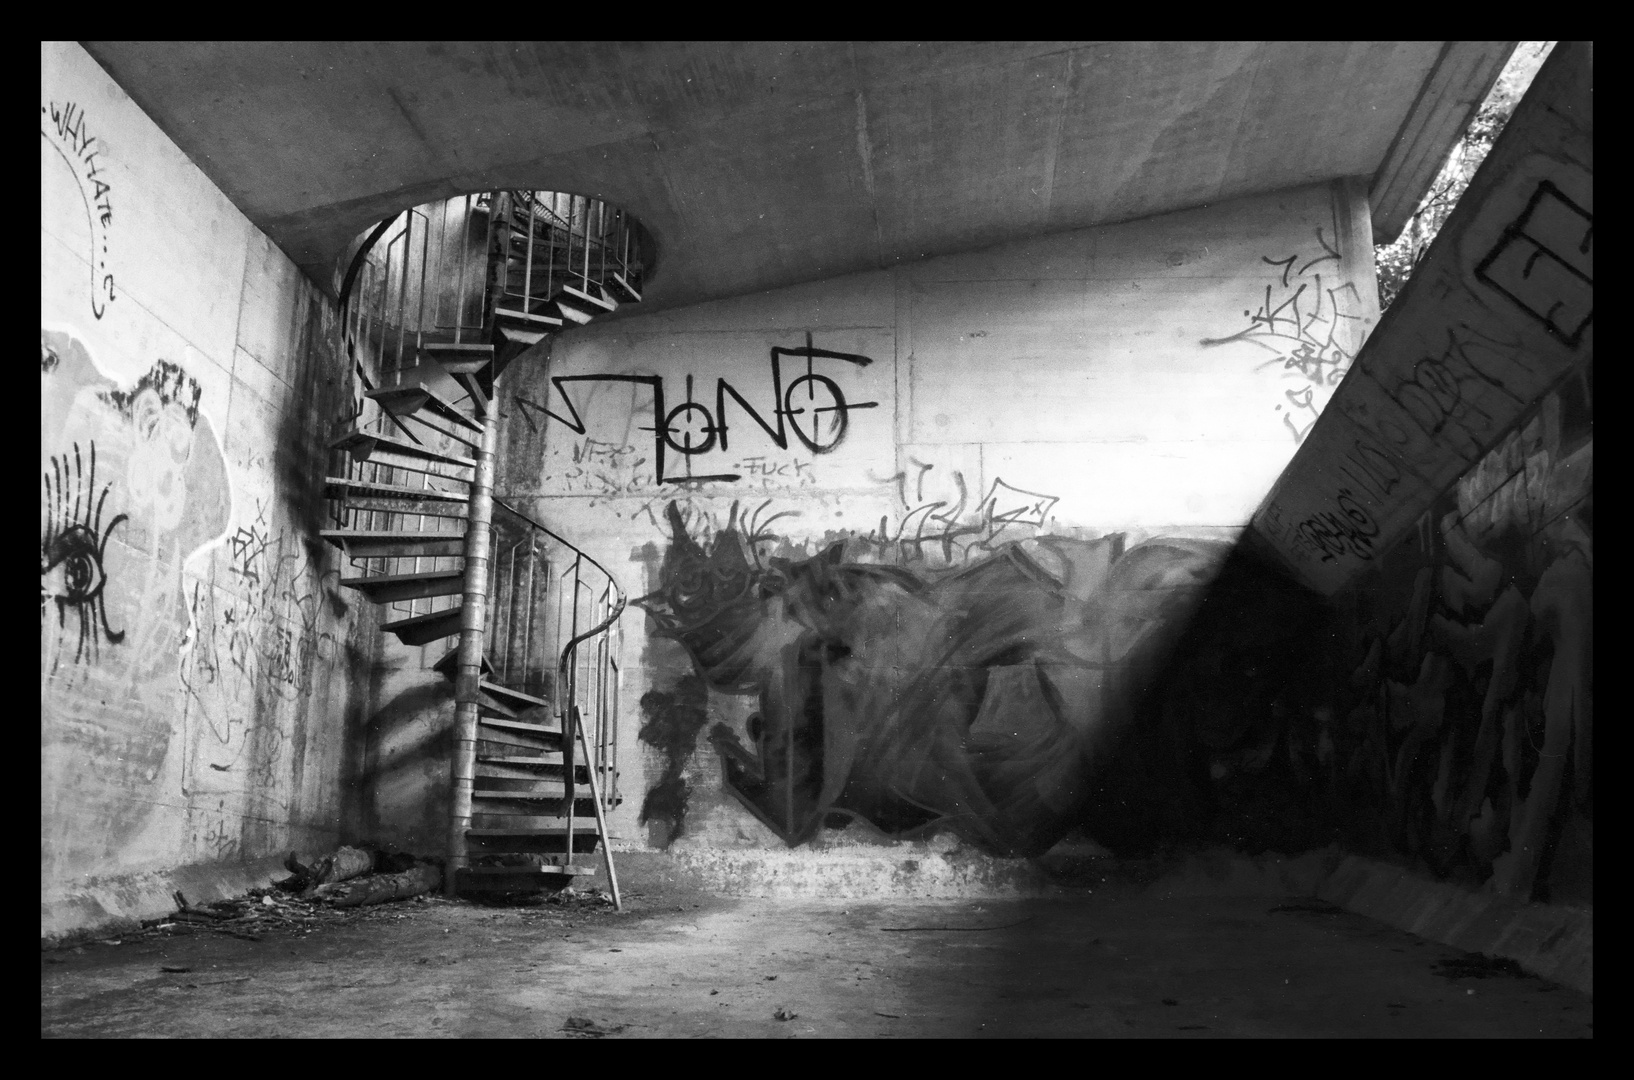 Das Ende vom Tunnel